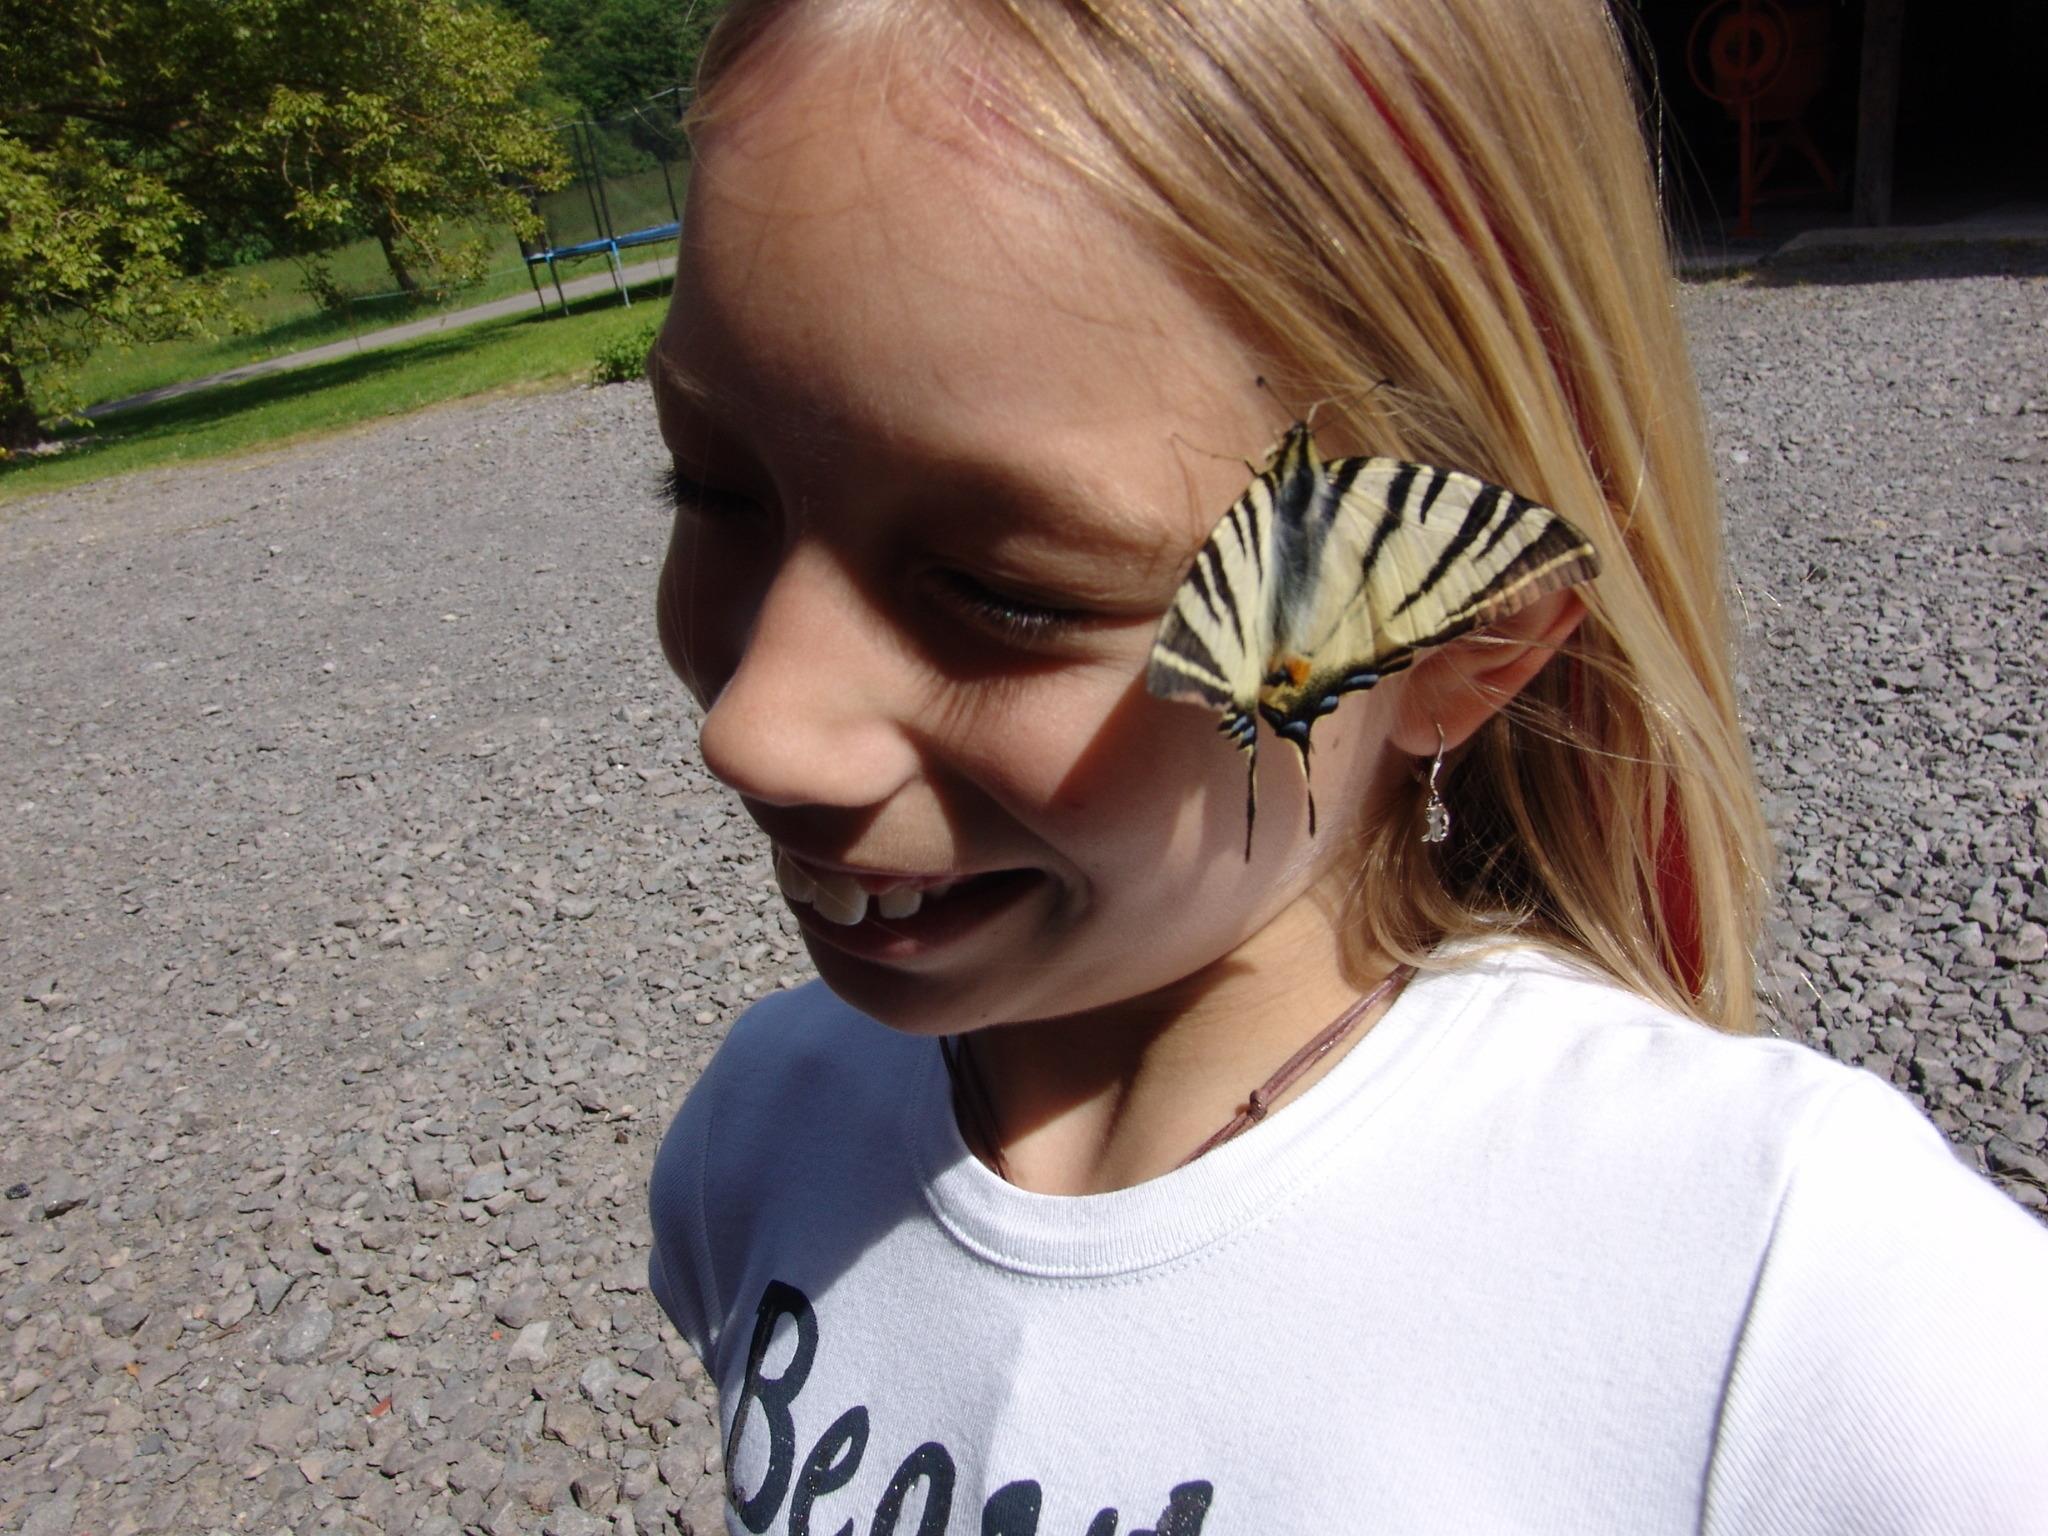 Zebra Schmetterling Sudoststeiermark